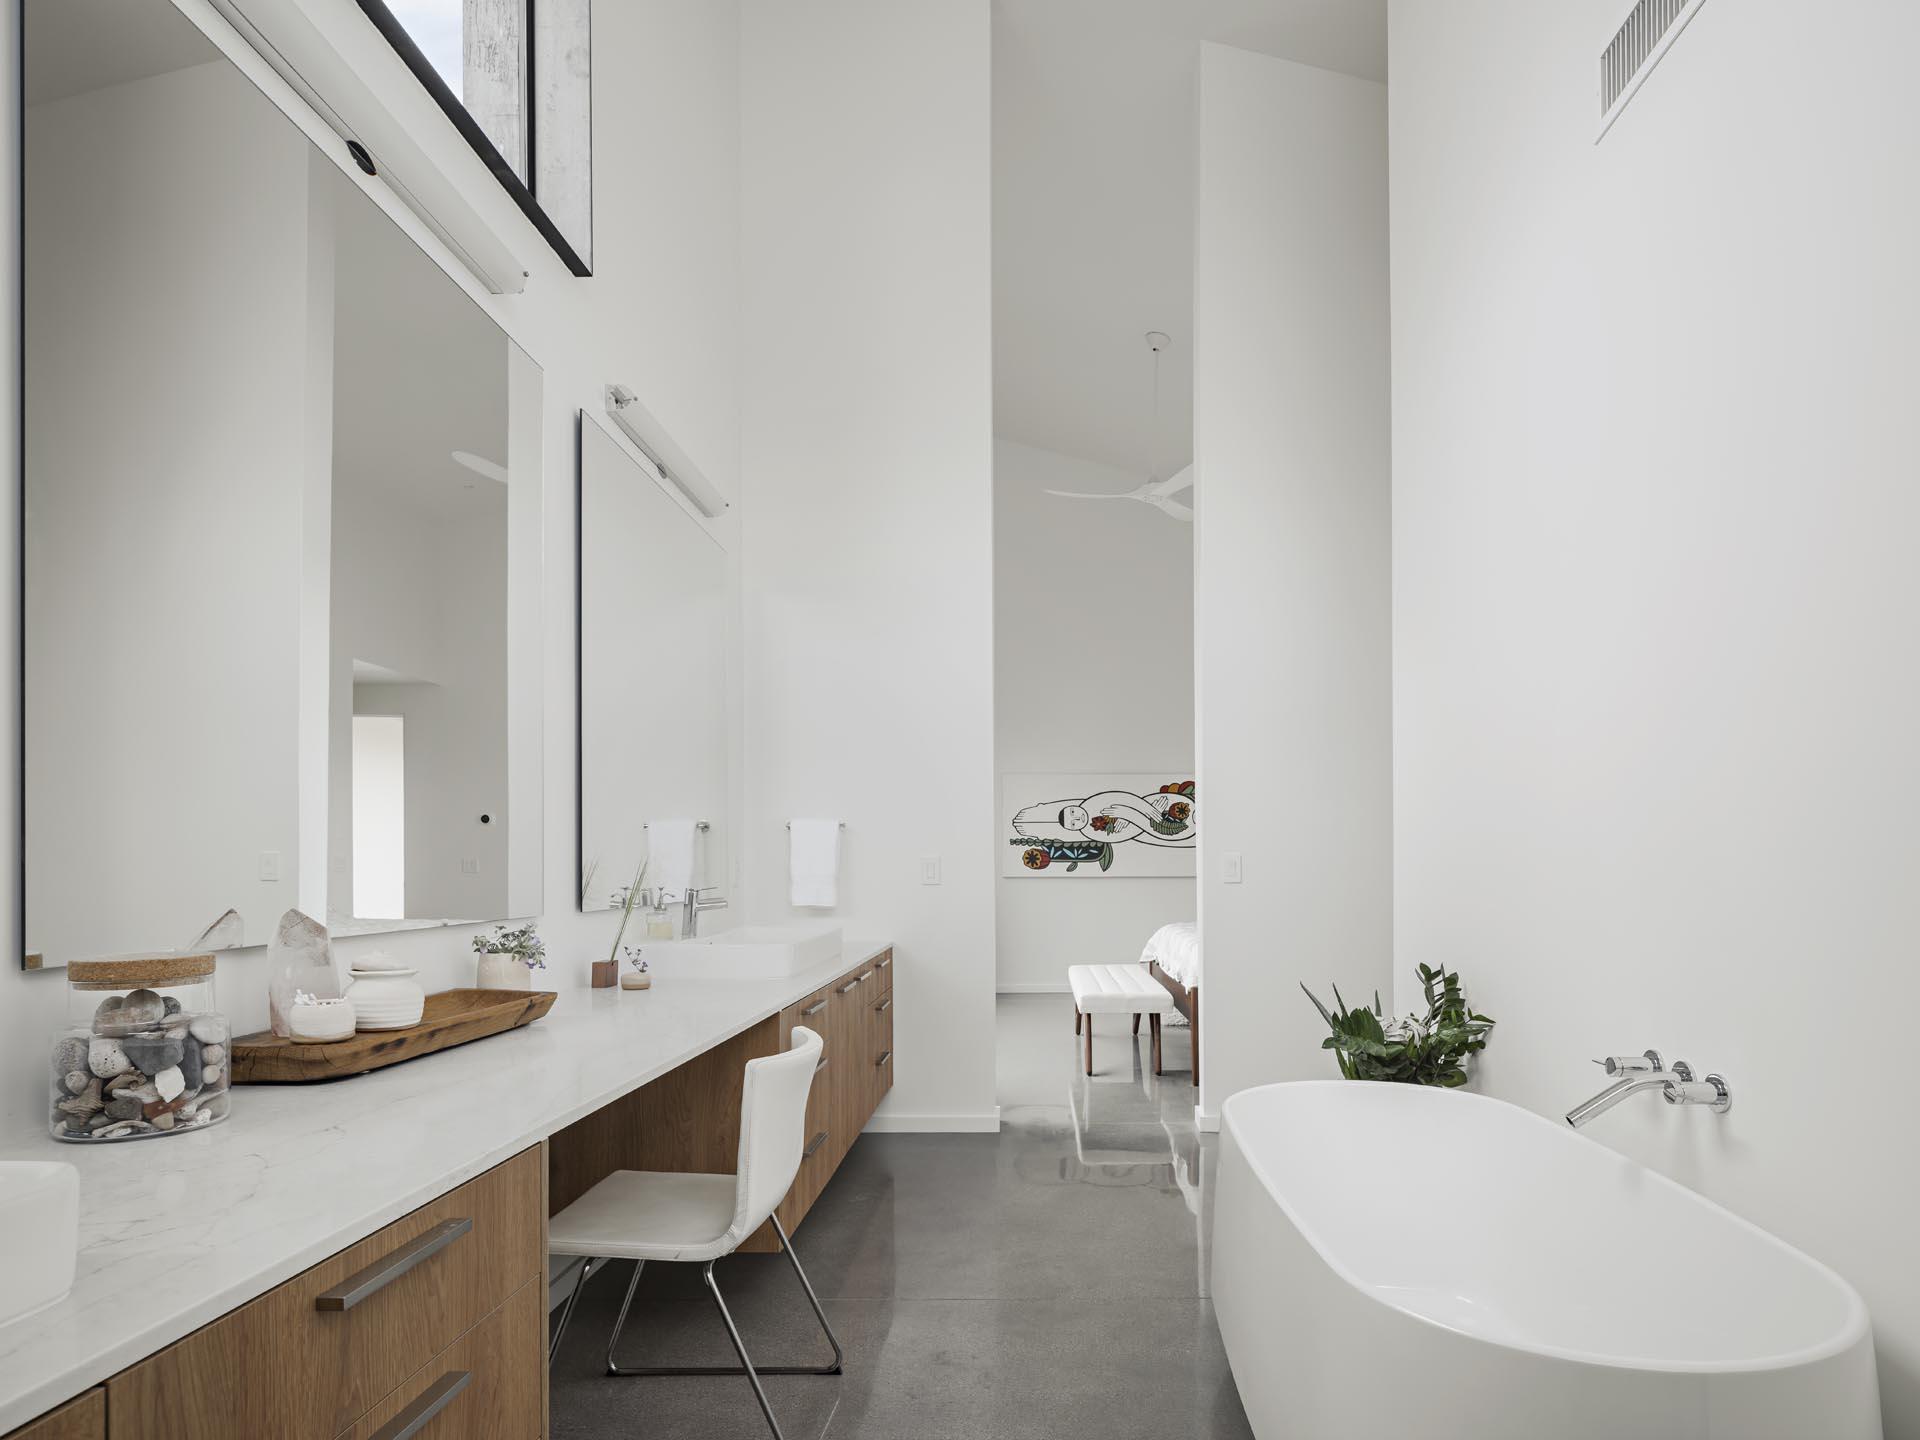 A modern en-suite bathroom has a long vanity as well as a freestanding bathtub.